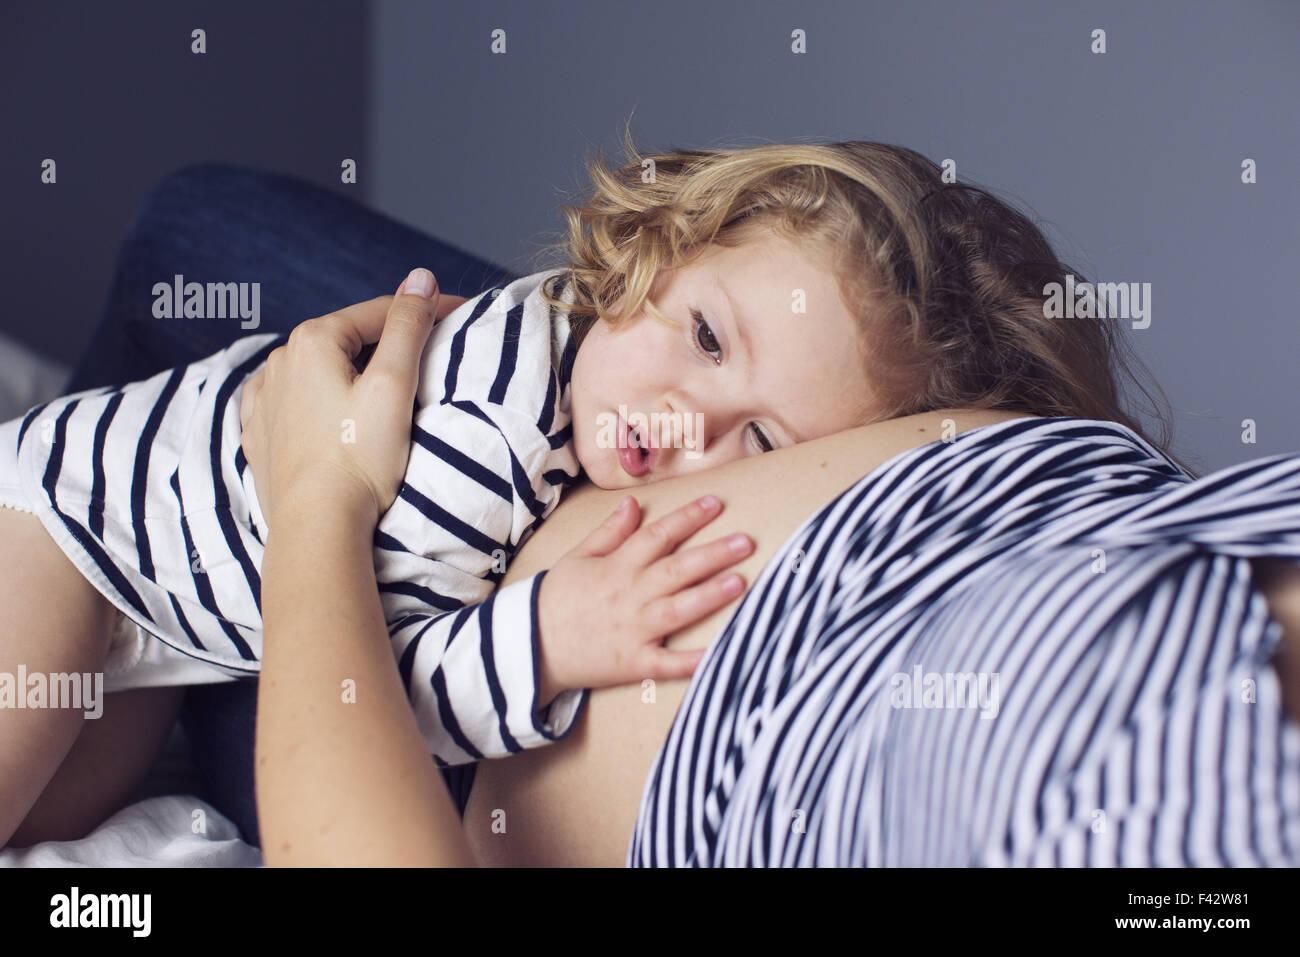 Kleine Mädchen ihren Kopf und Ihre Hand auf Mutters schwangeren Bauch ruht Stockbild